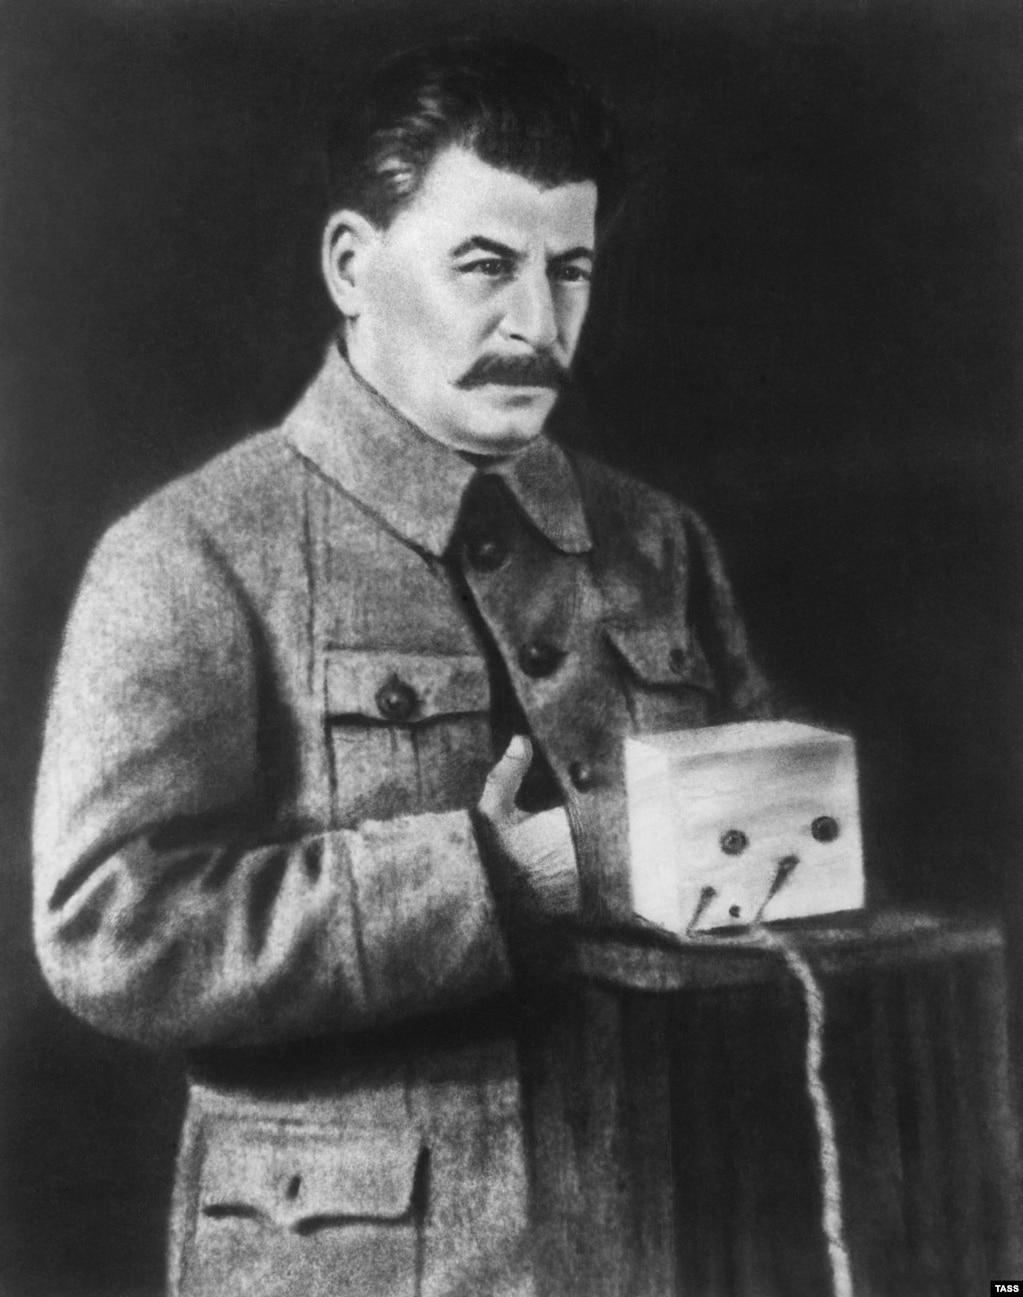 Моцна рэтушаваны здымак савецкага лідэра Ёсіфа Сталіна. Частка рэтушаваньня відавочна рабілася, каб палепшыць размытую альбо няякасную карцінку.